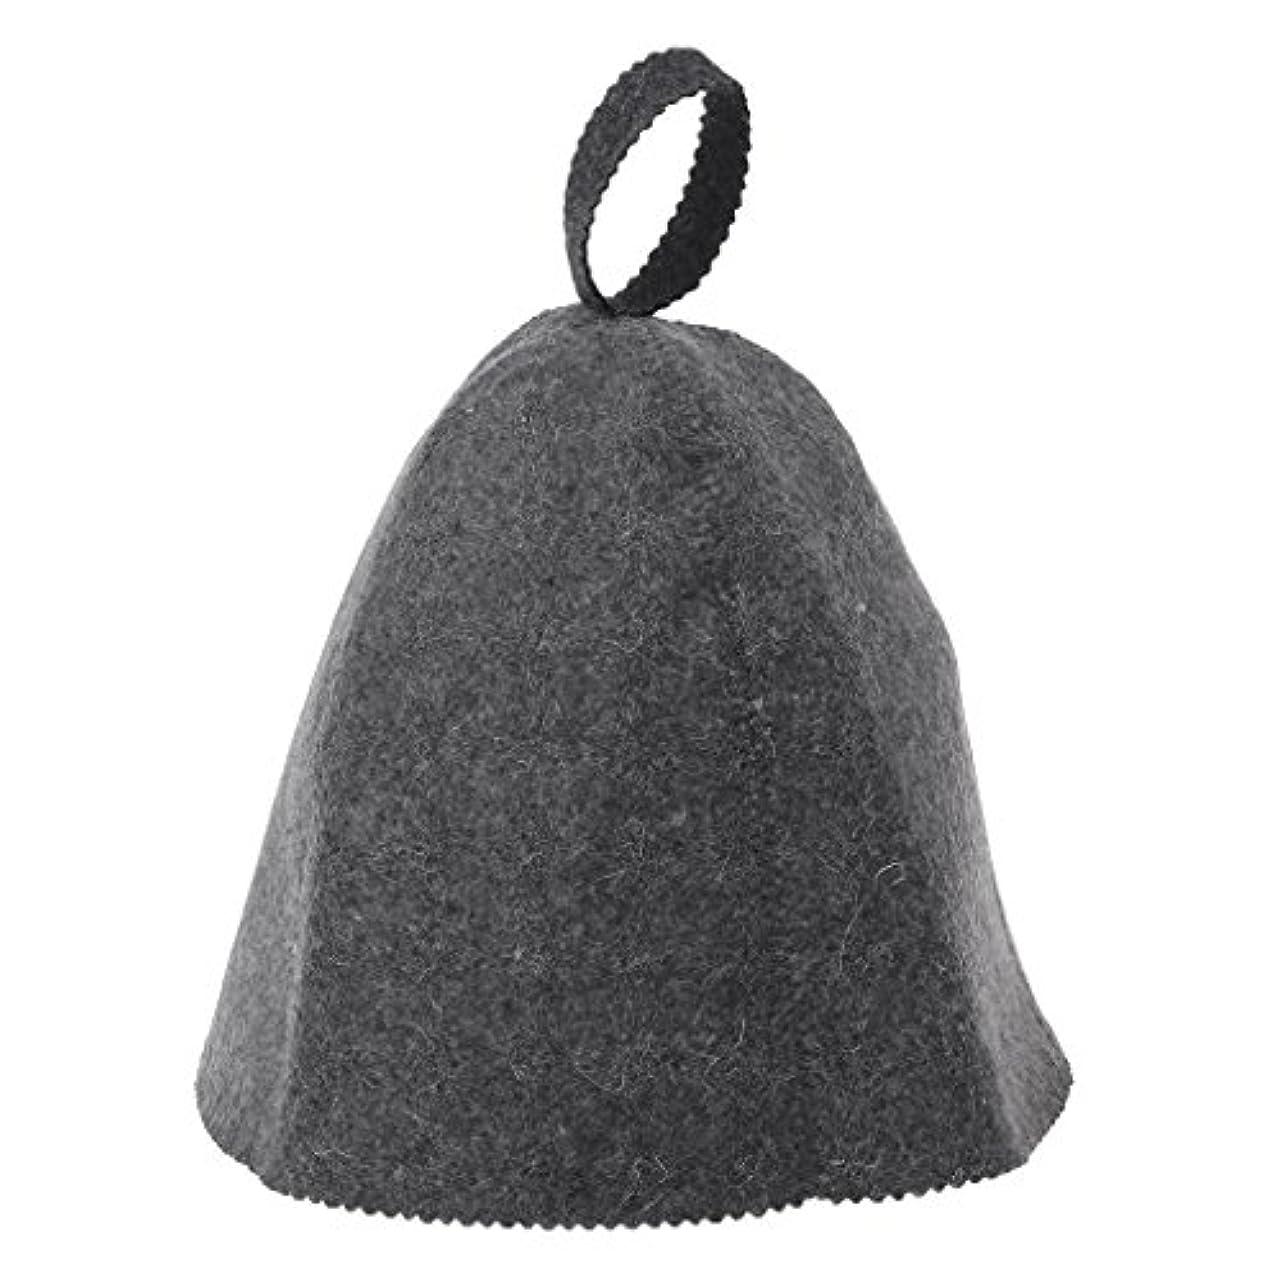 隠付き添い人海峡ひもLANDUMのウールのフェルトのサウナの帽子、浴室の家の頭部の保護のための反熱ロシアのバニヤ帽子